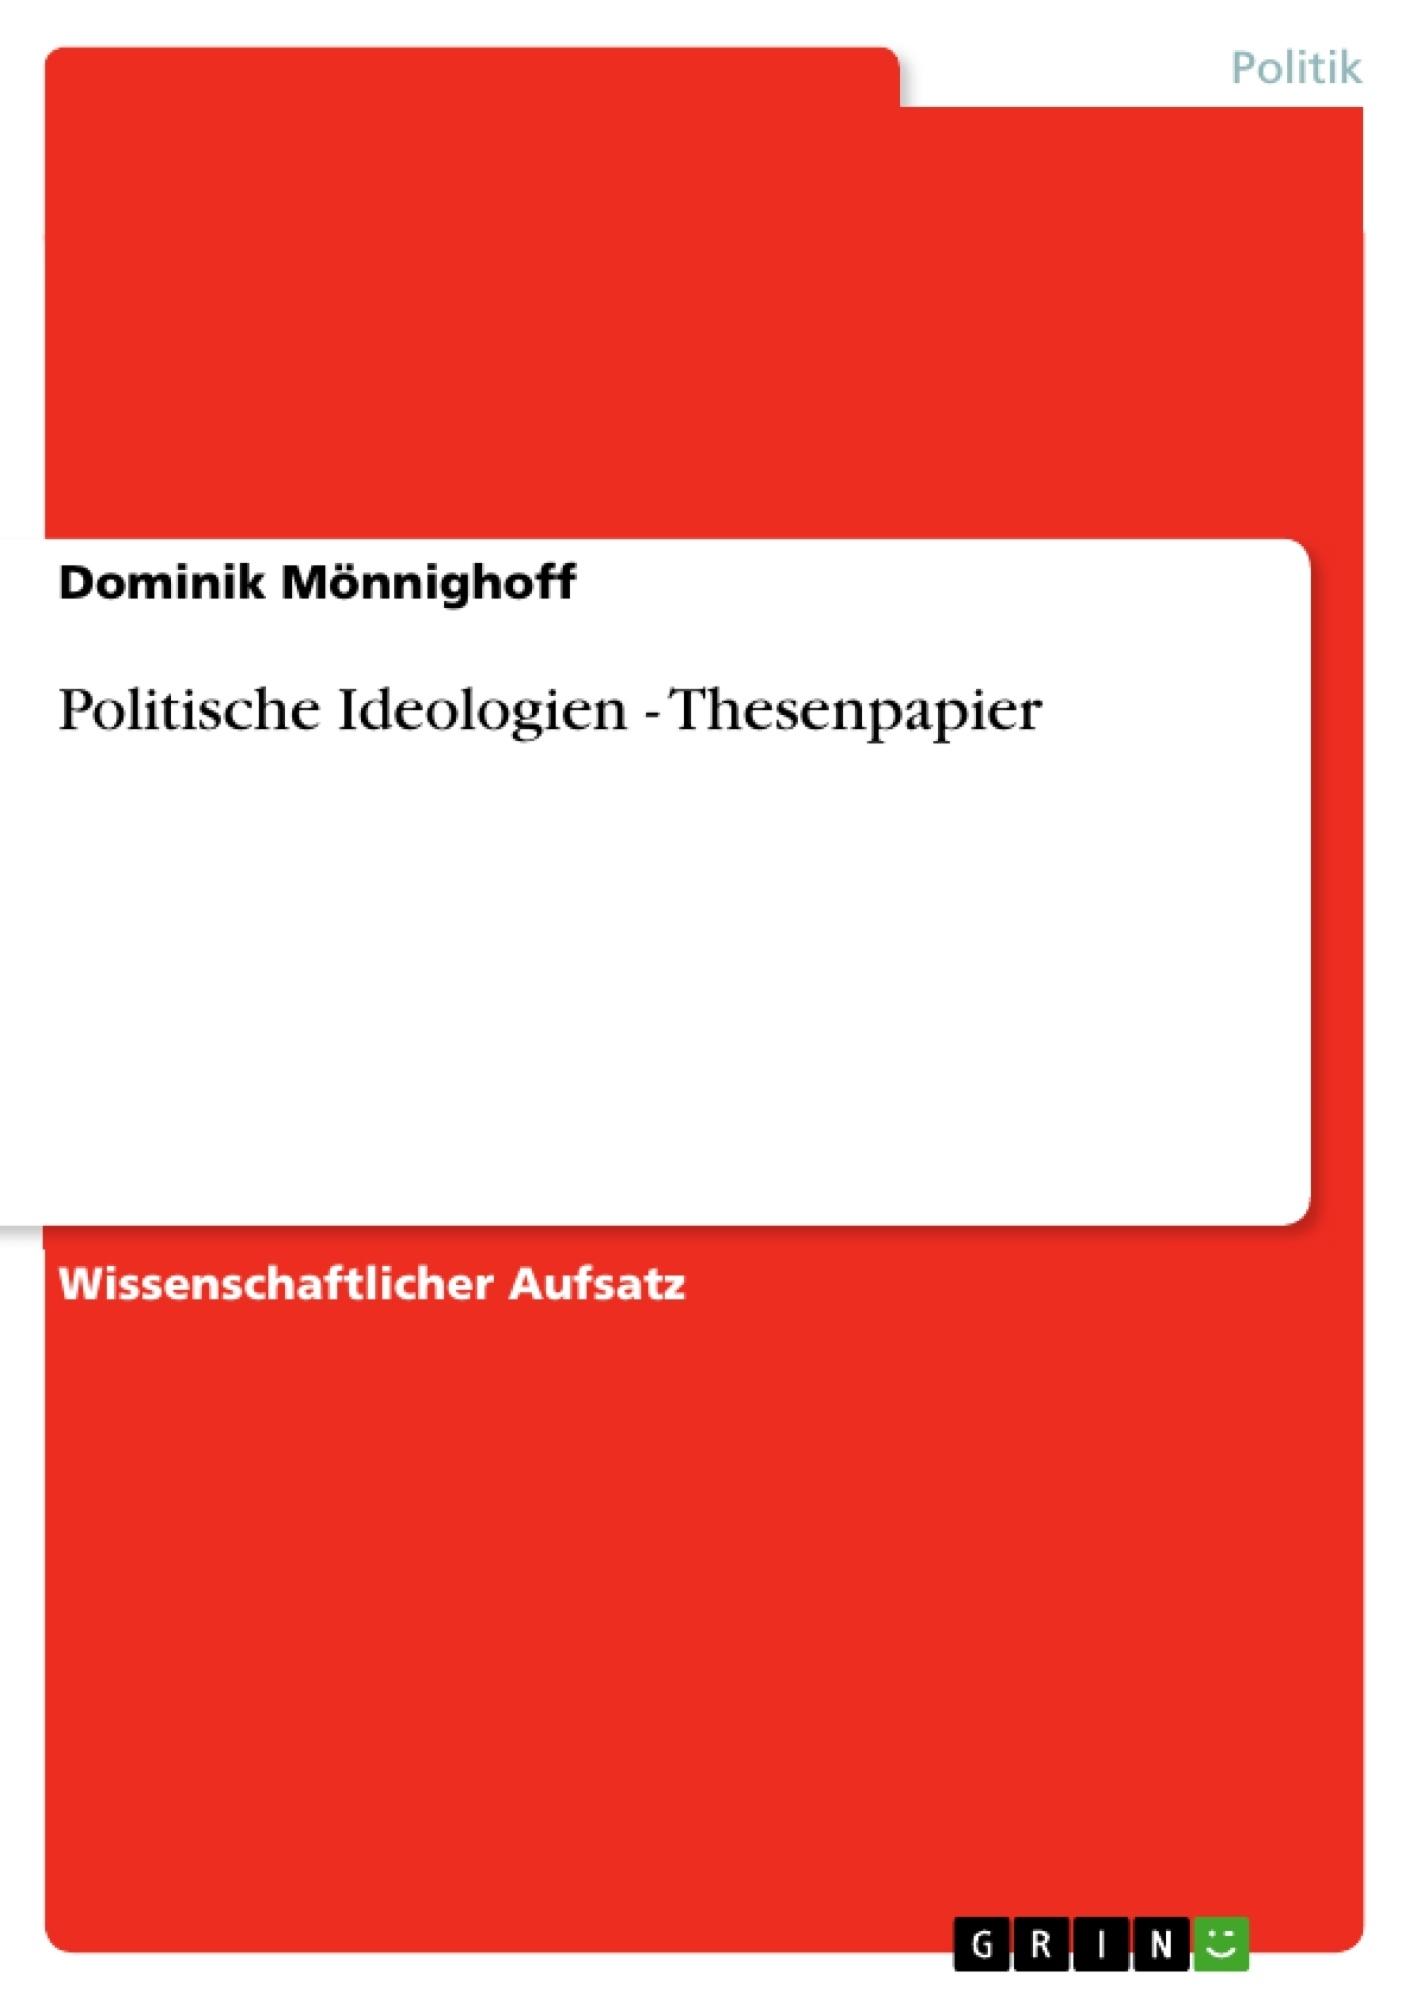 Titel: Politische Ideologien - Thesenpapier